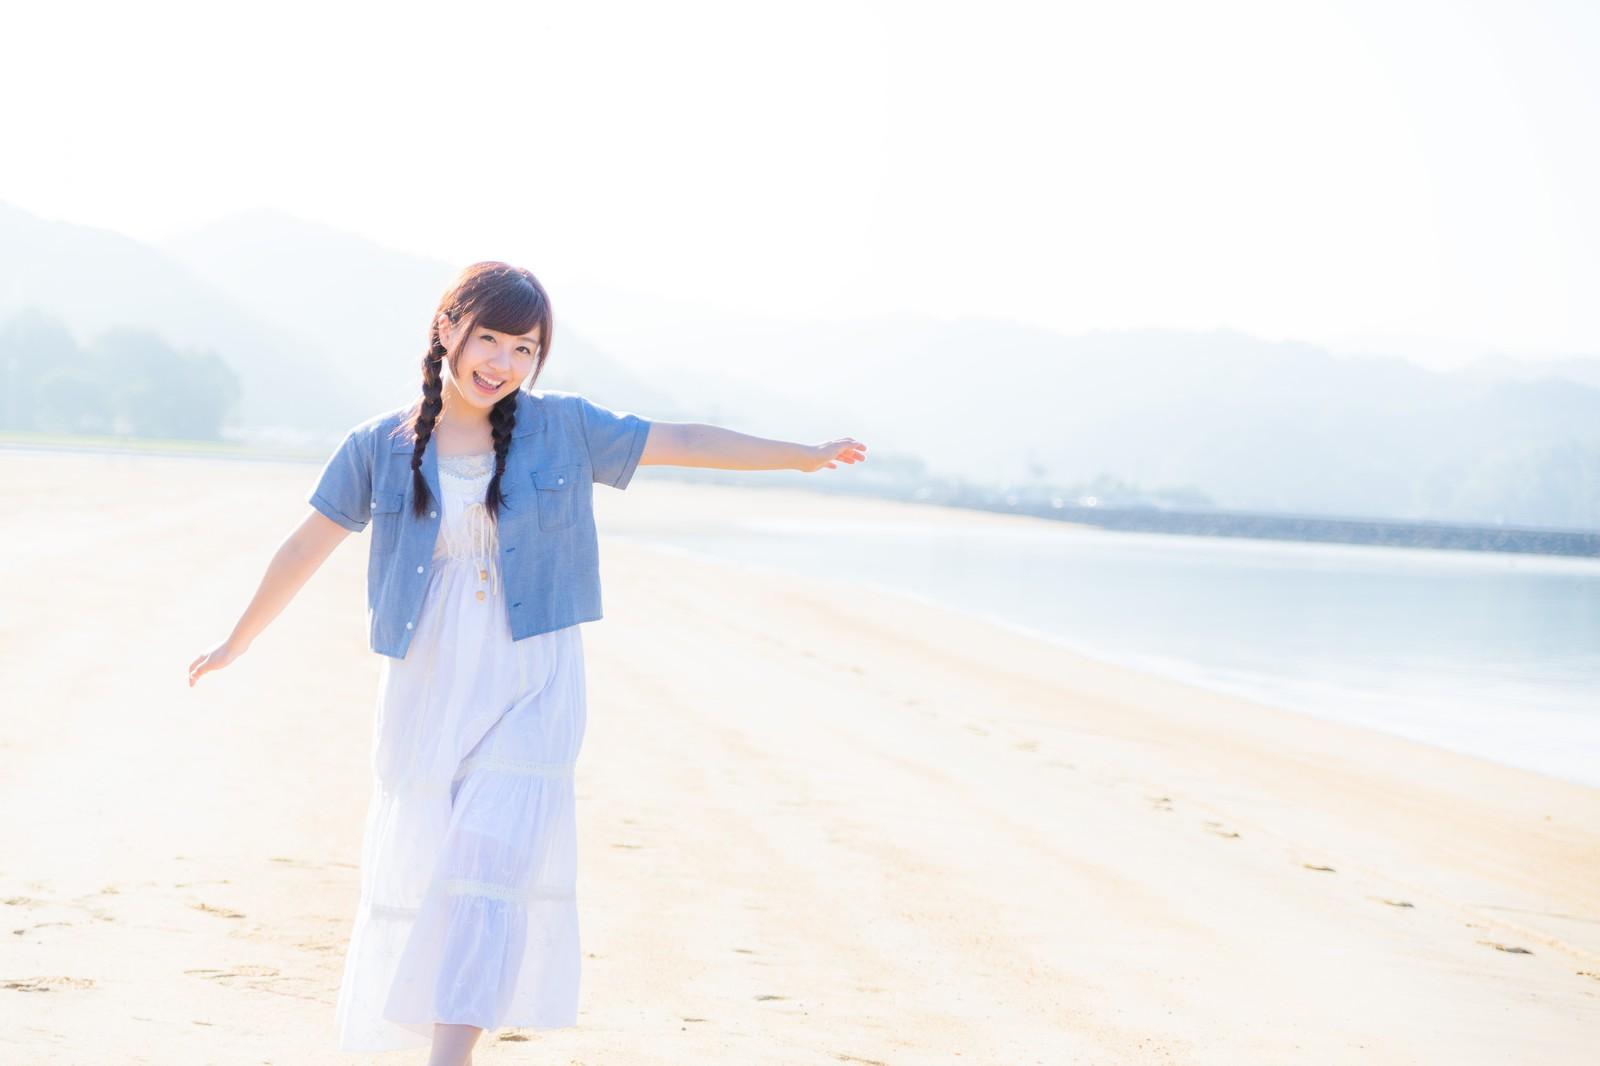 「マクロスF」ランカ・リー役の中島愛さん満を辞して復活!